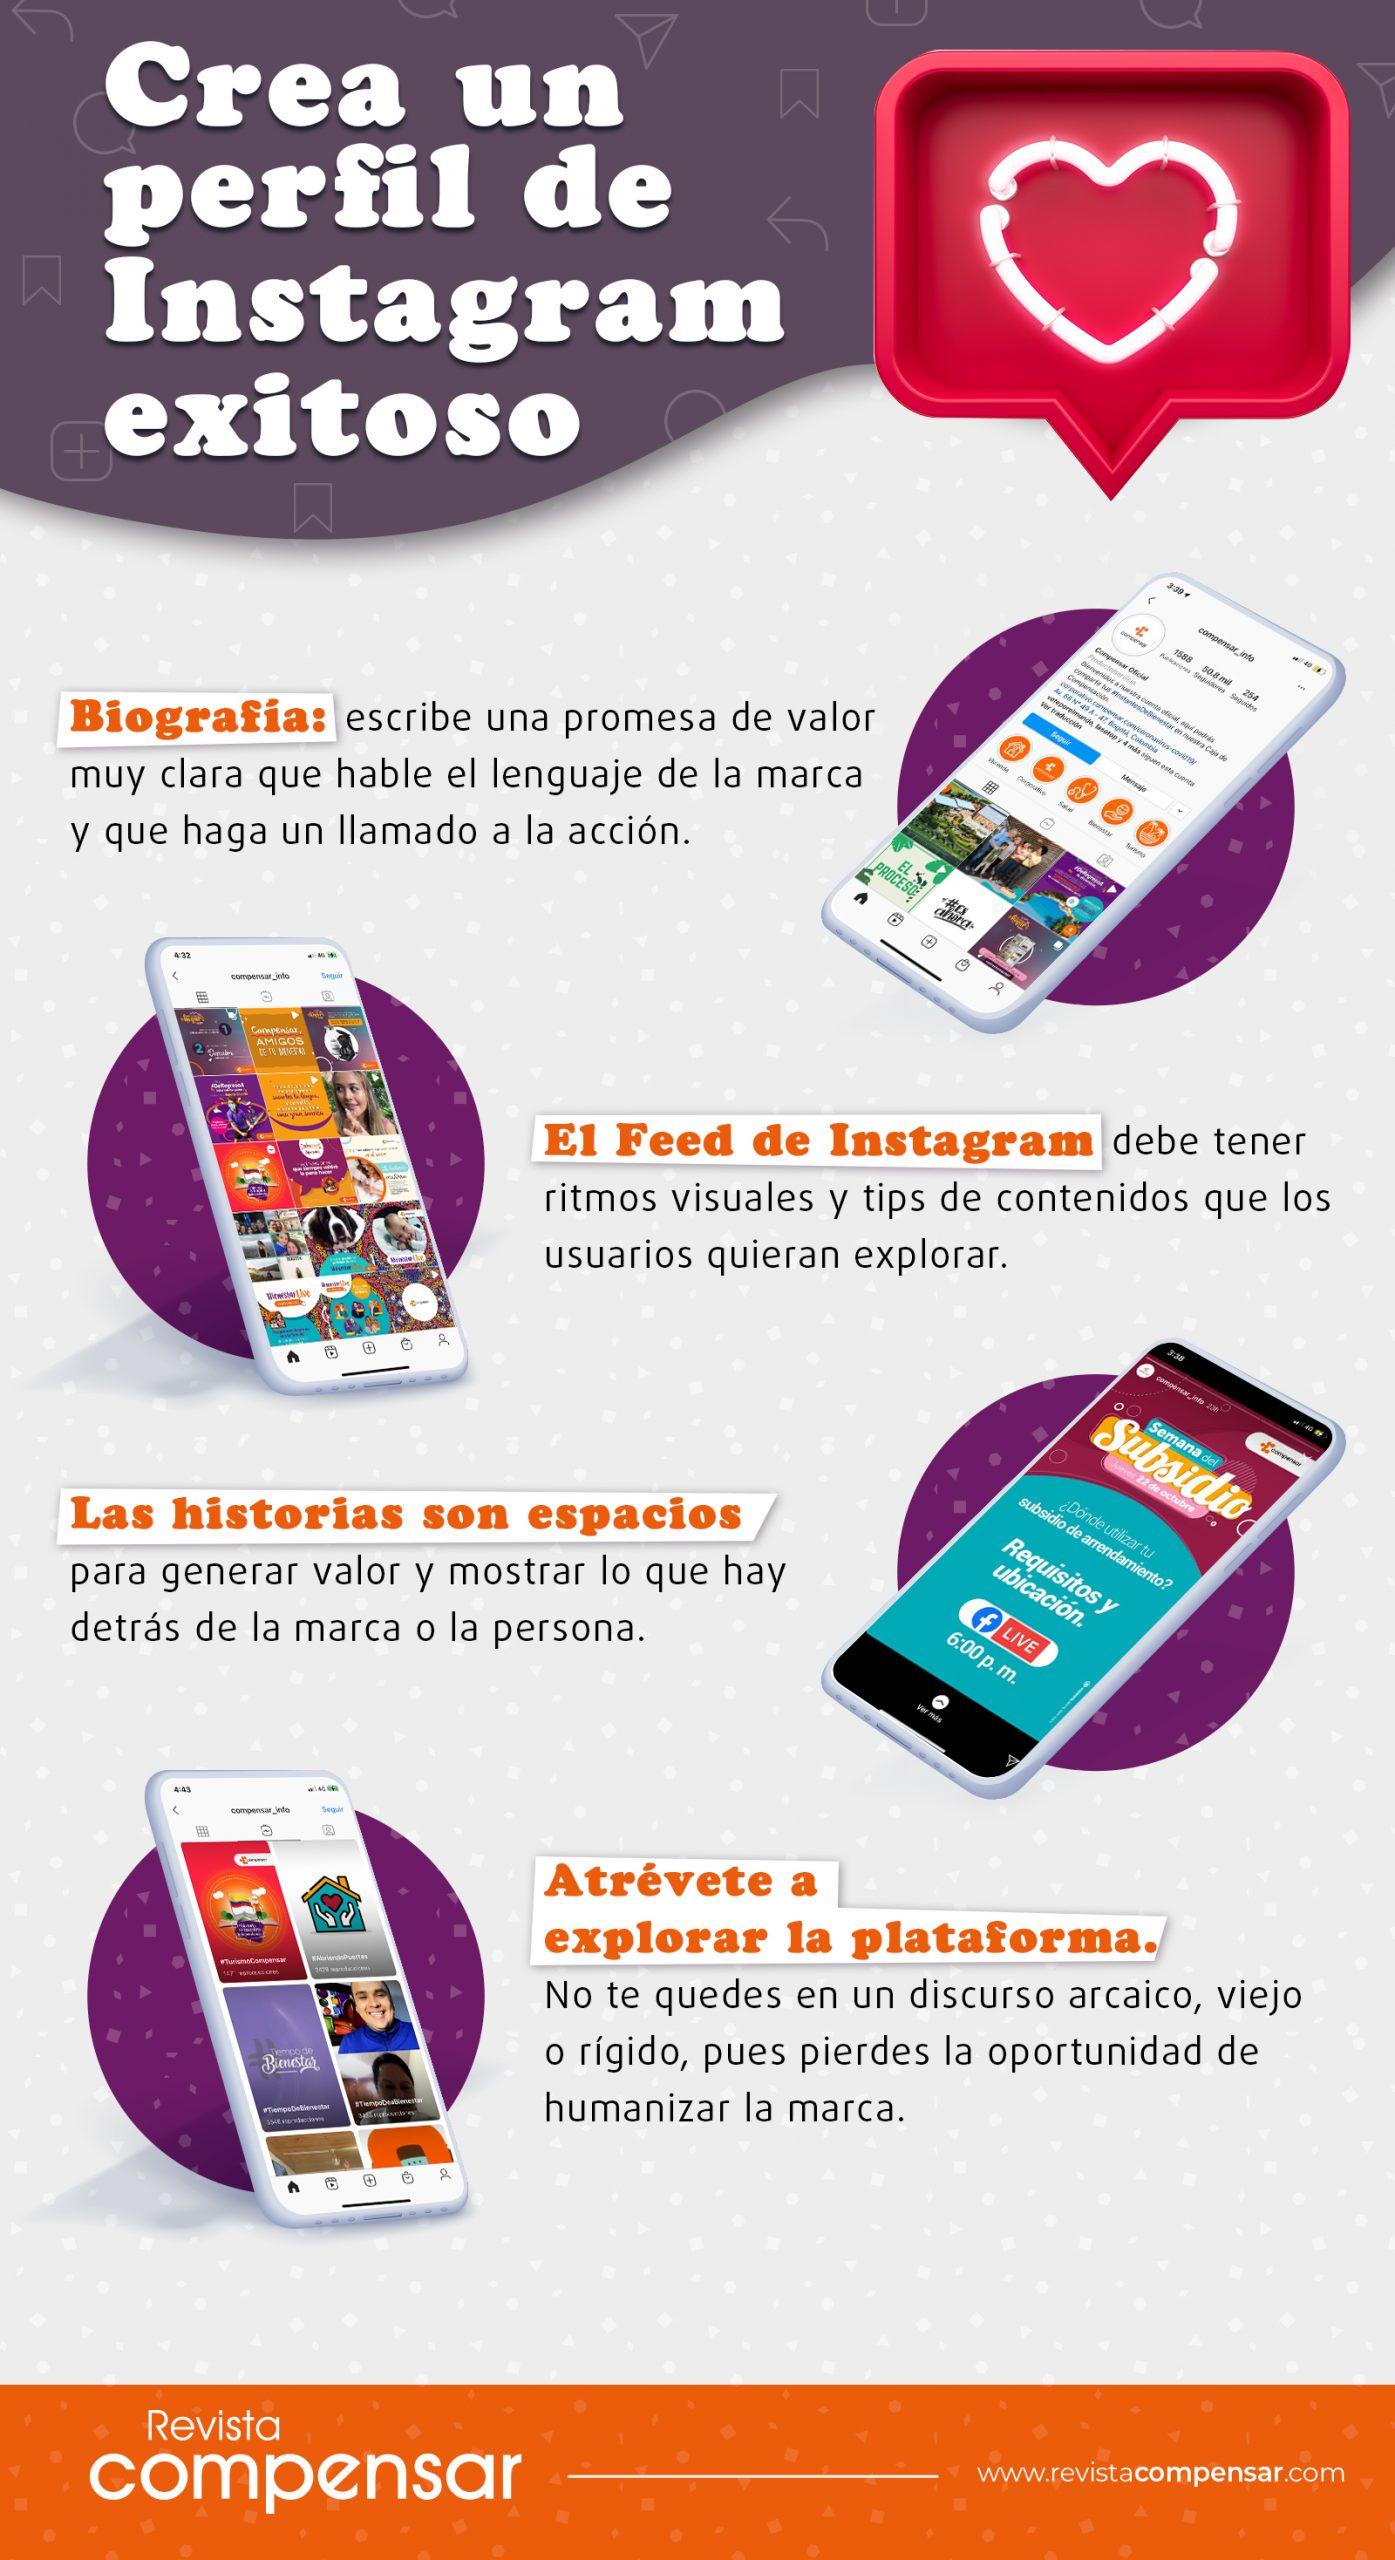 ¿Cómo crear un perfil de Instagram?